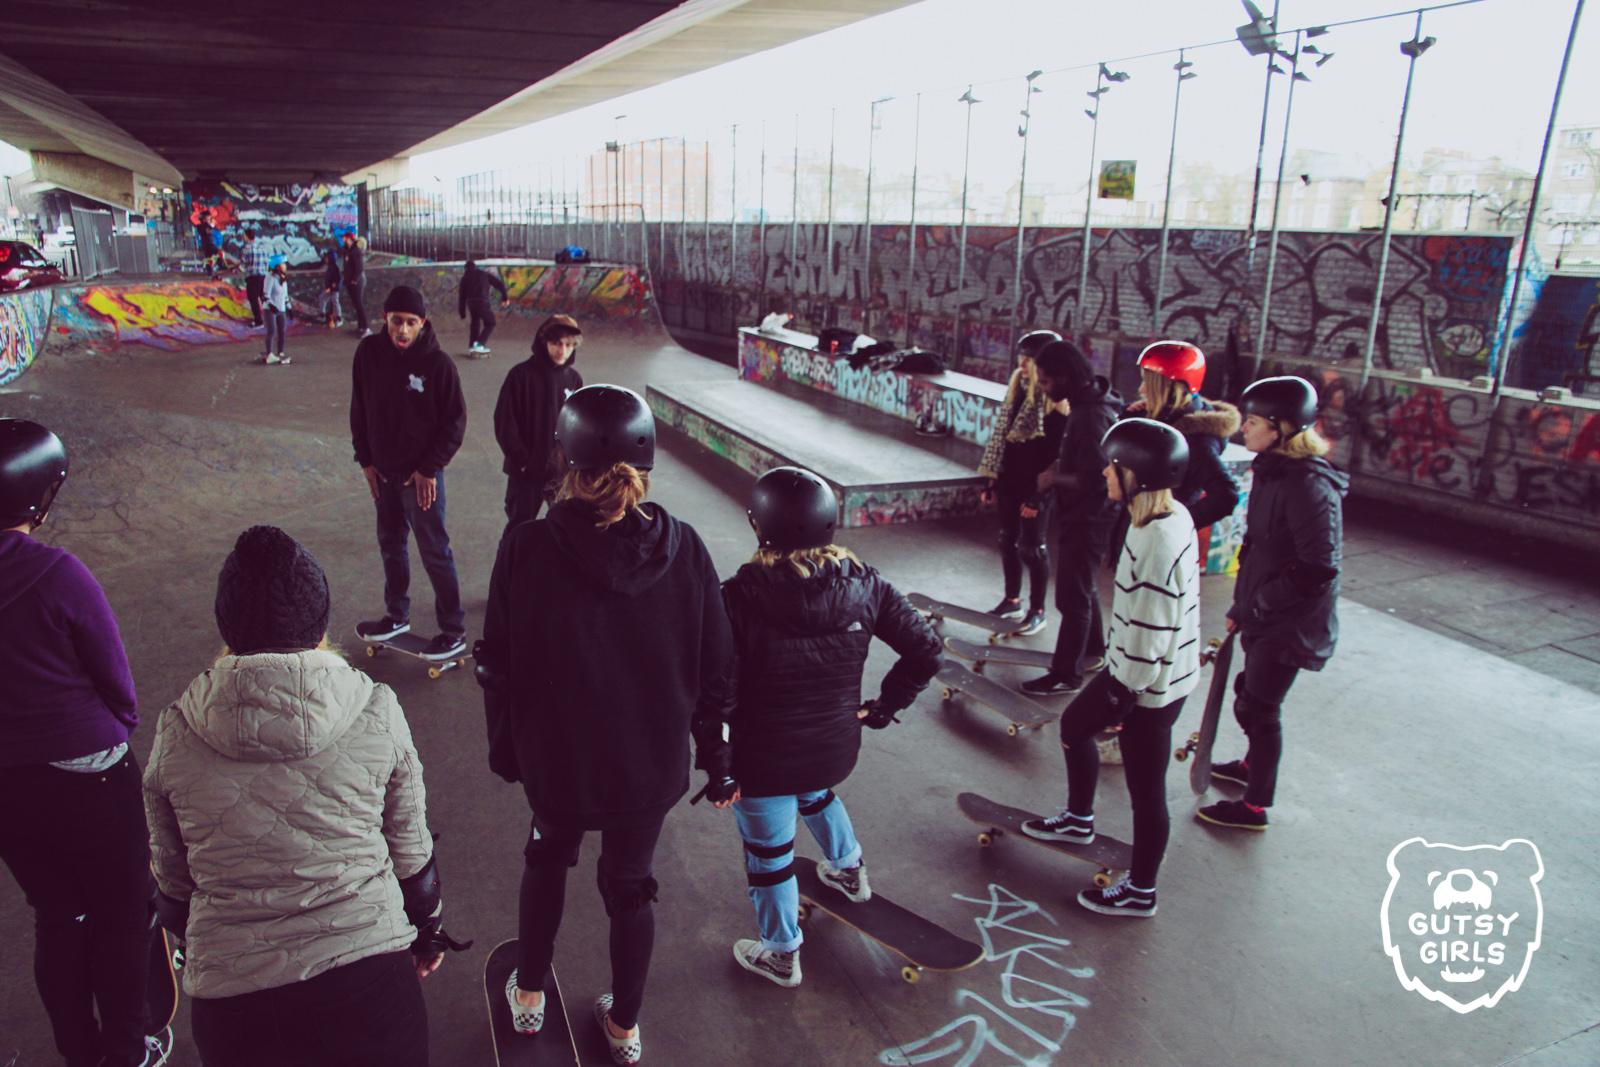 Gutsy Girls Skateboarding Lessons - Feb  (36 of 89).jpg